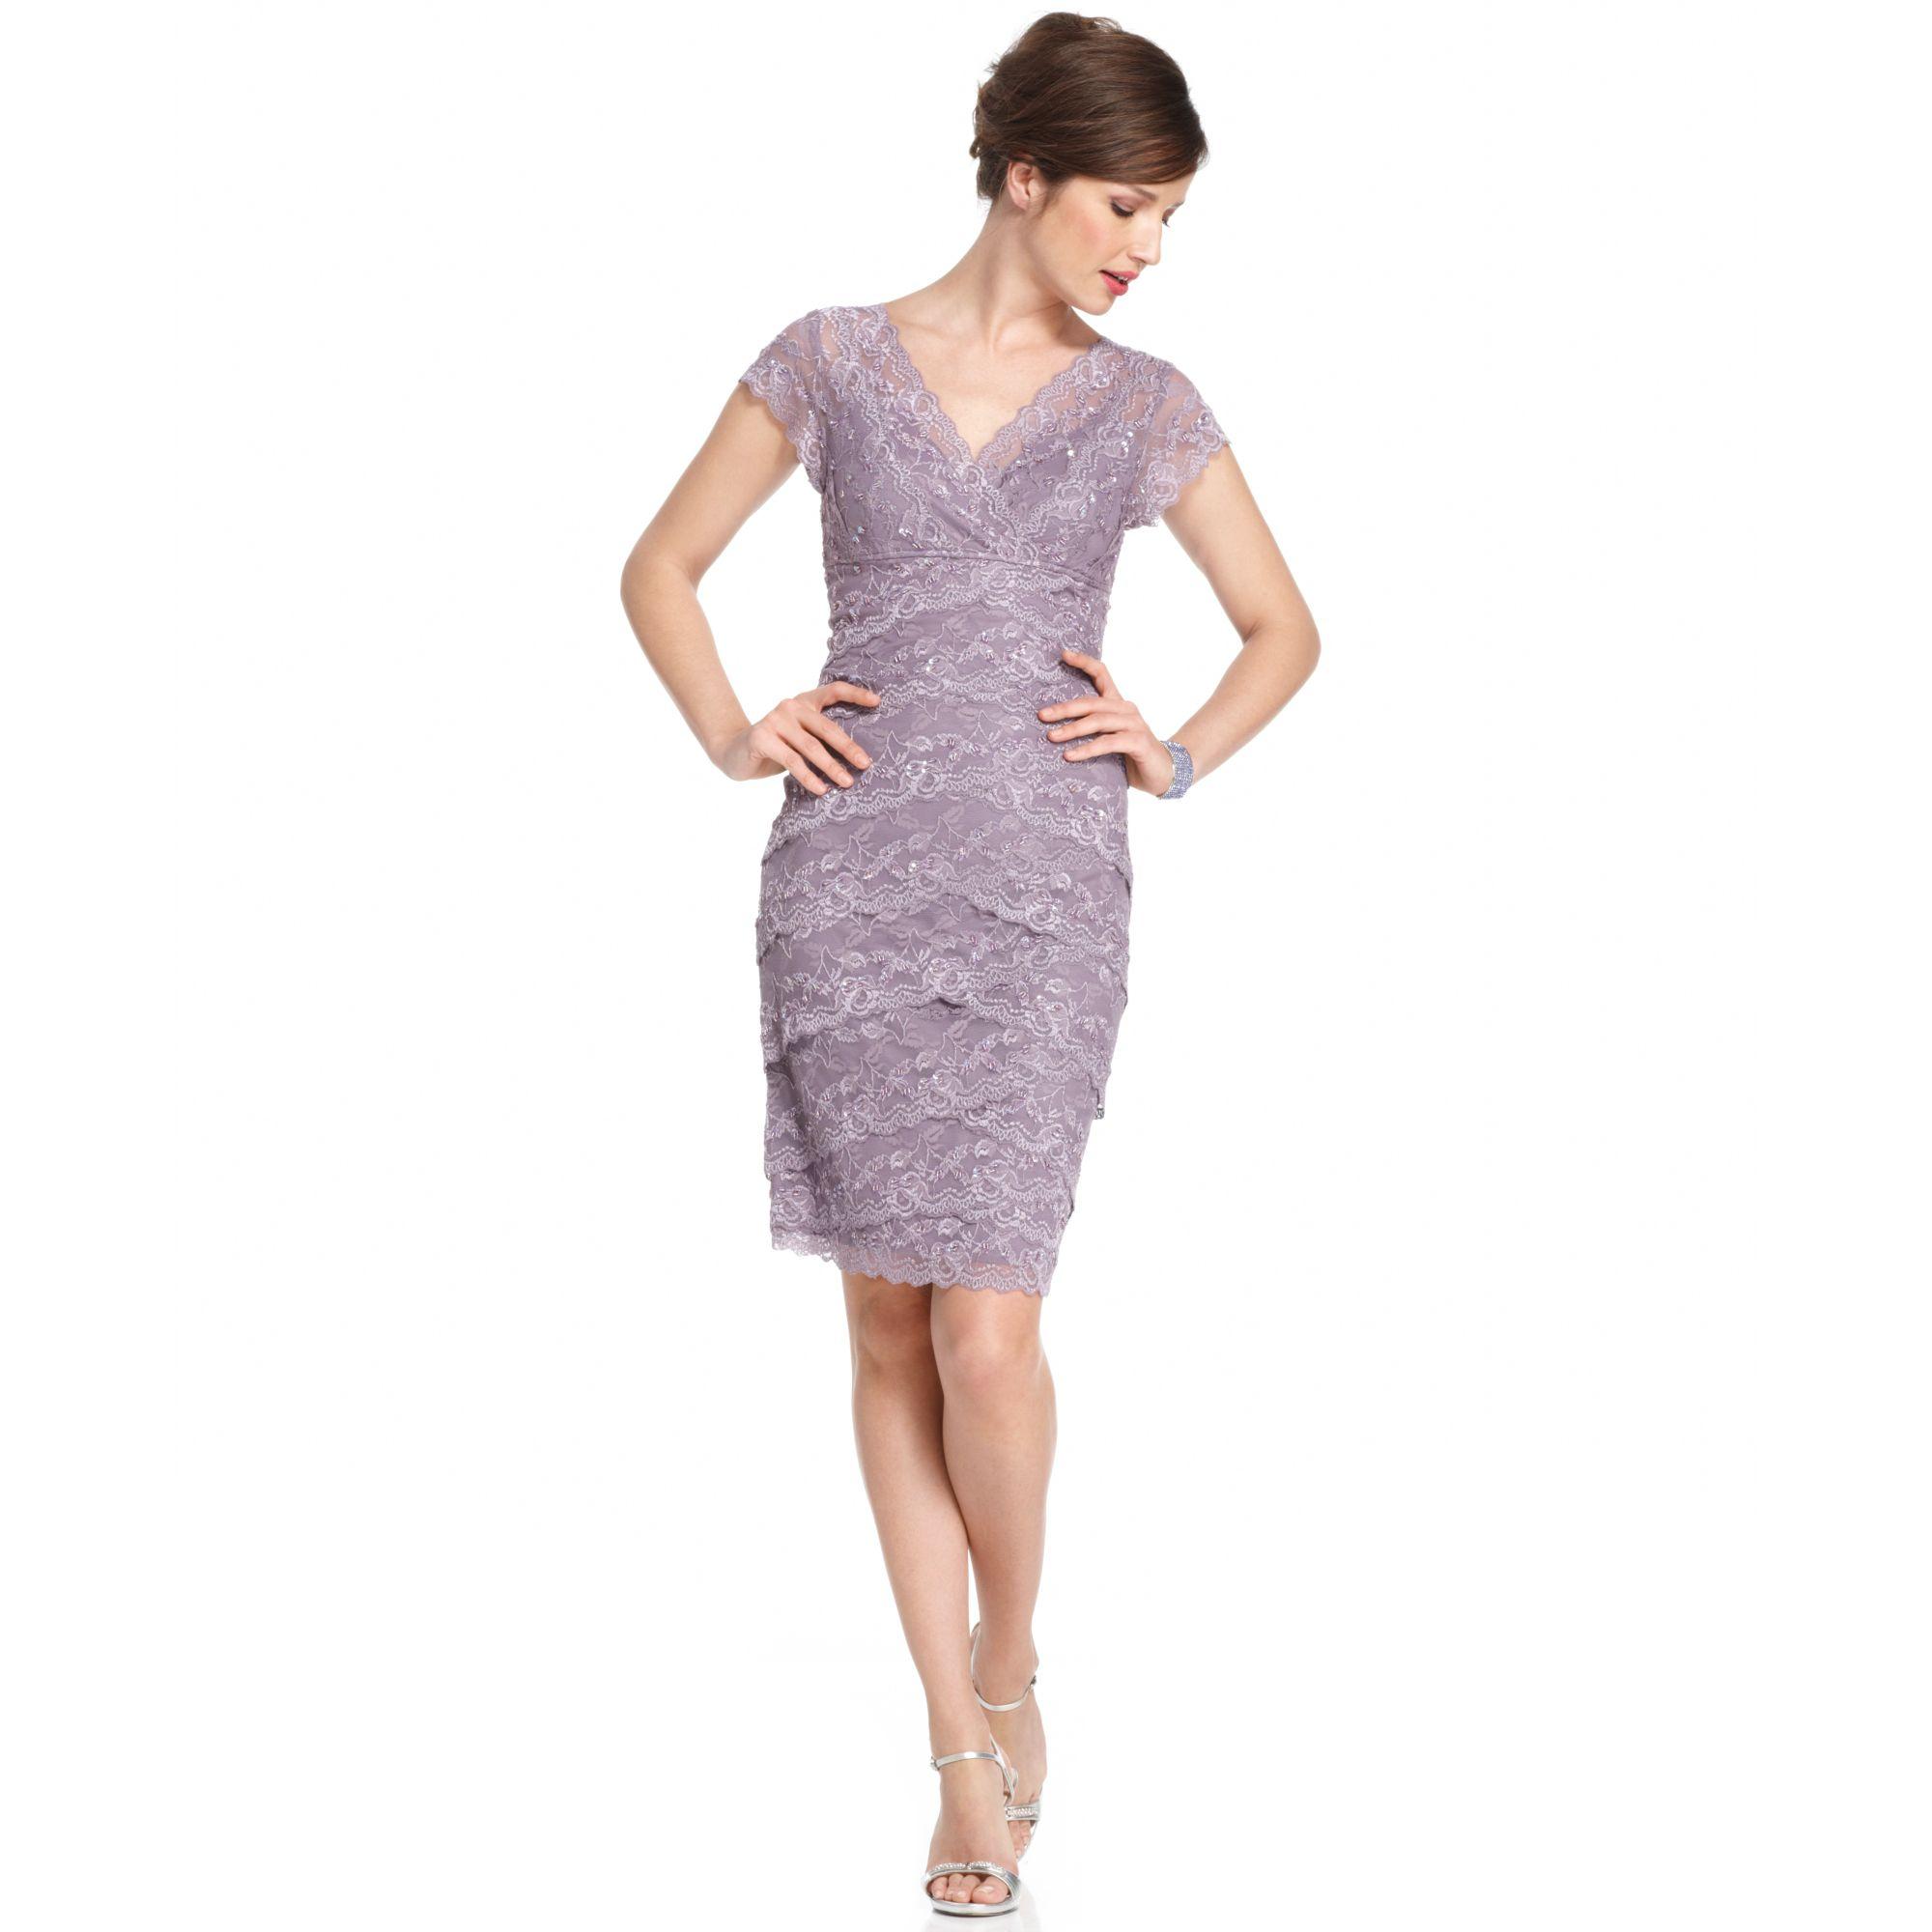 c2e63bb4e4b One Shoulder Cocktail Dress Macys - Gomes Weine AG